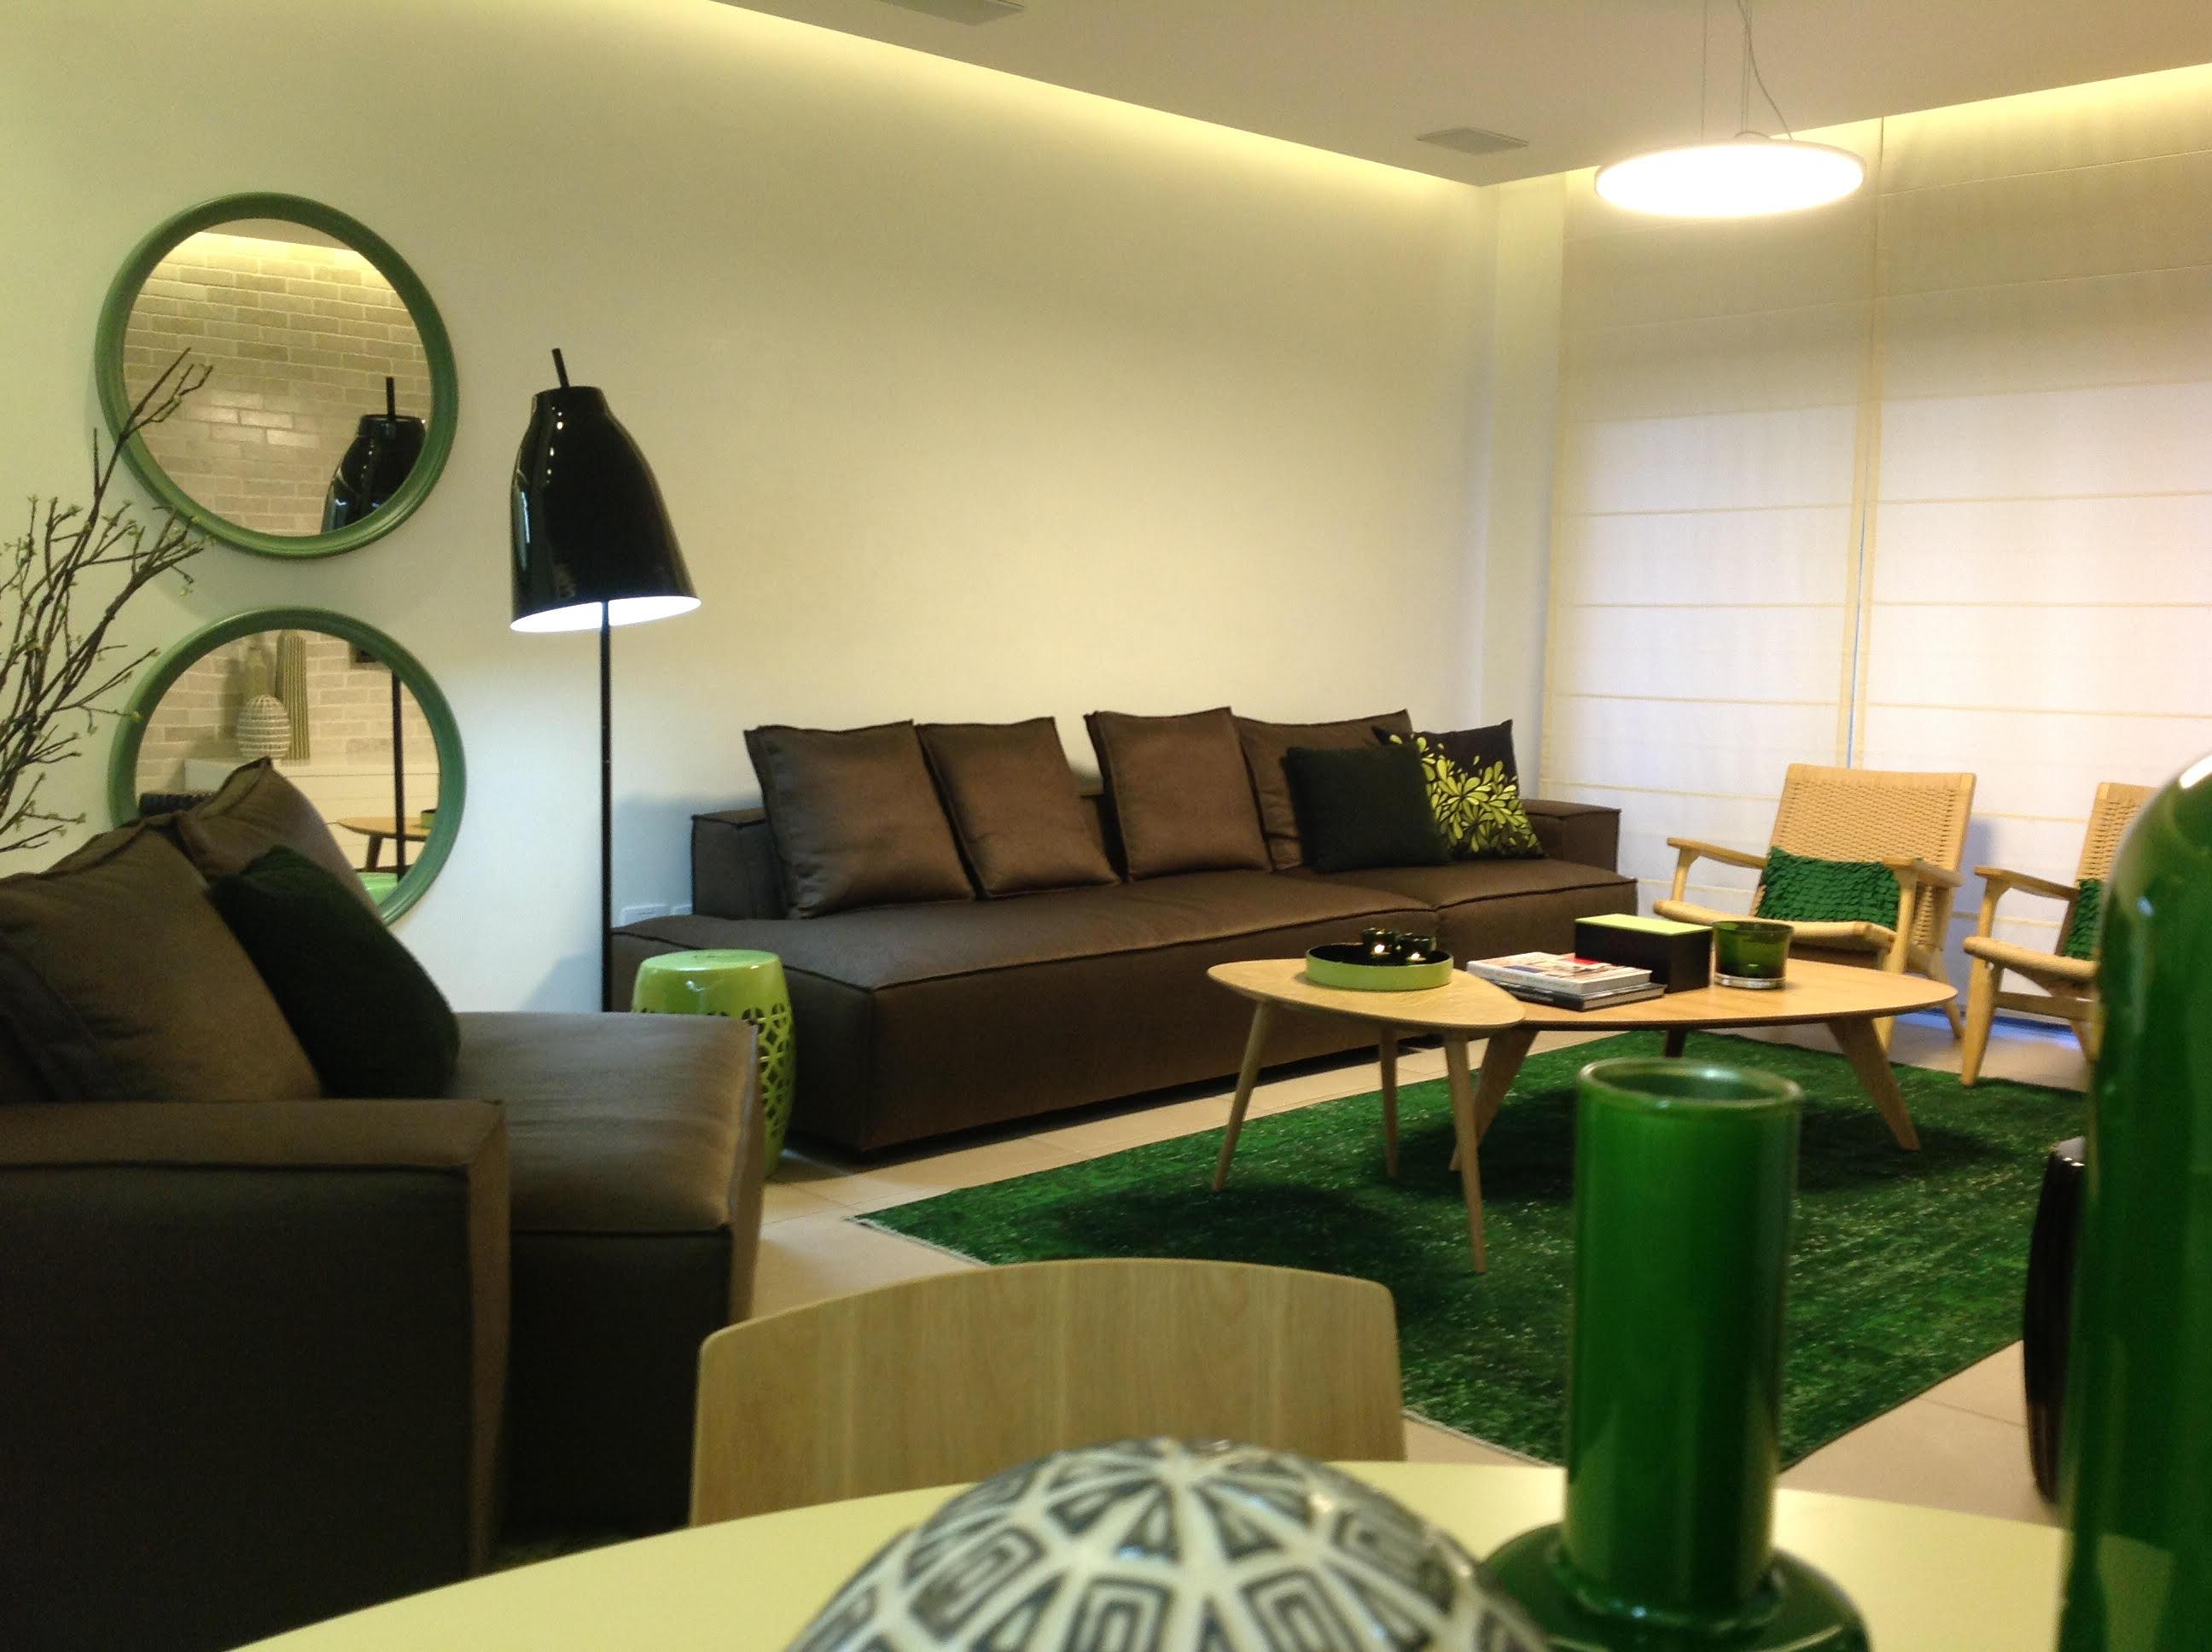 חלל מגורים בדירה בנתניה - פינת ישיבה